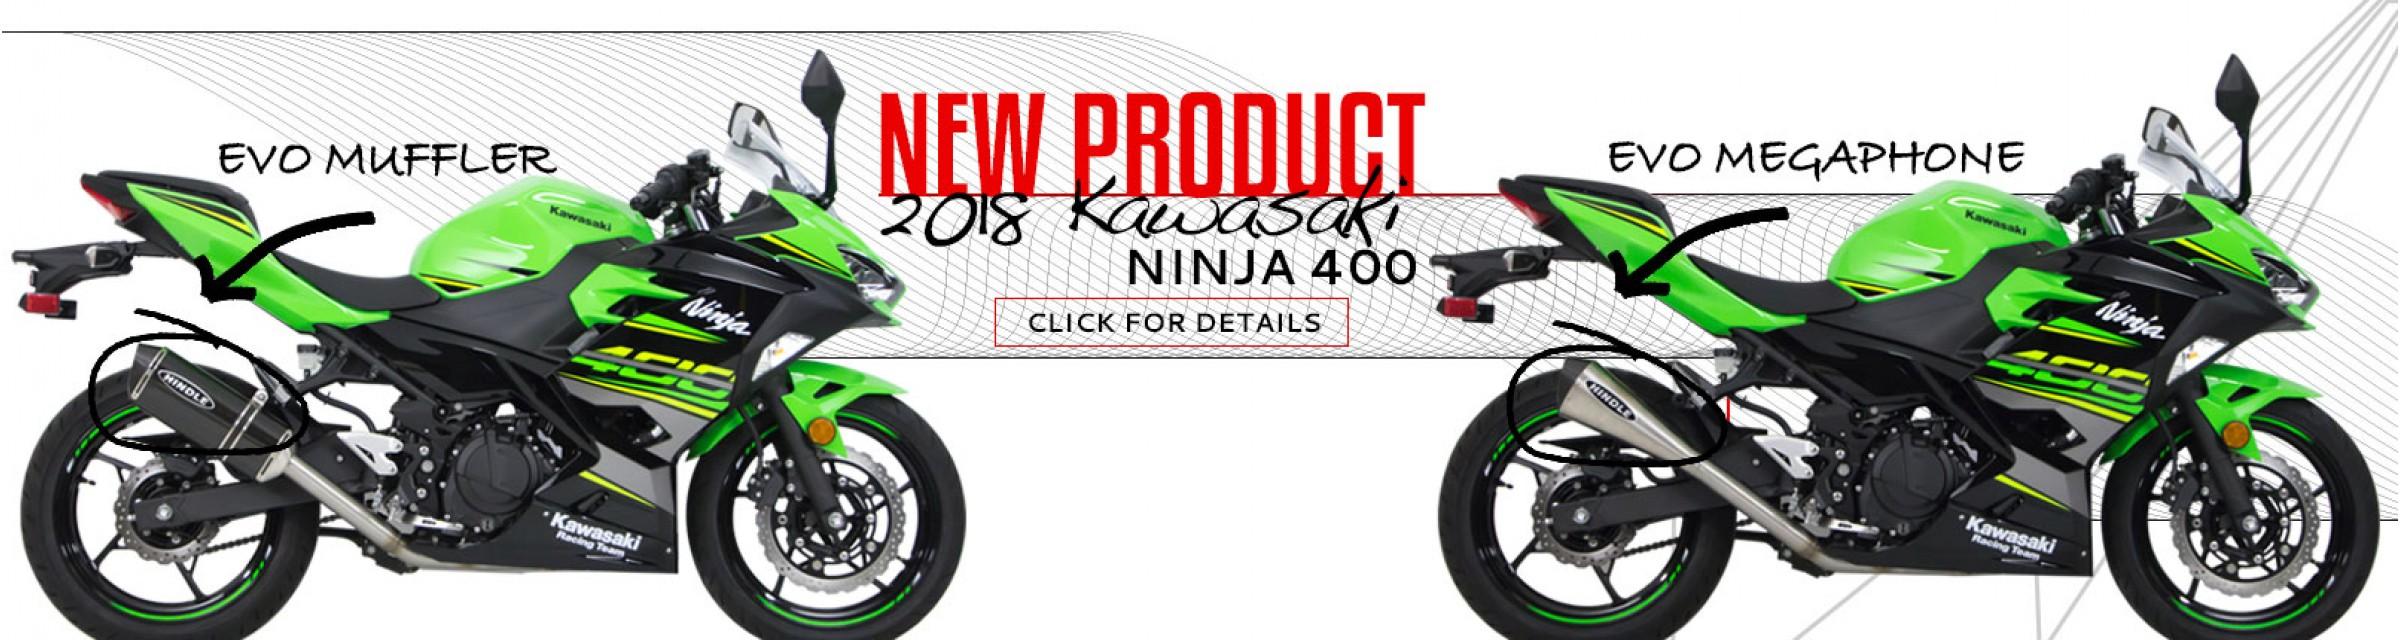 2018 Ninja 400